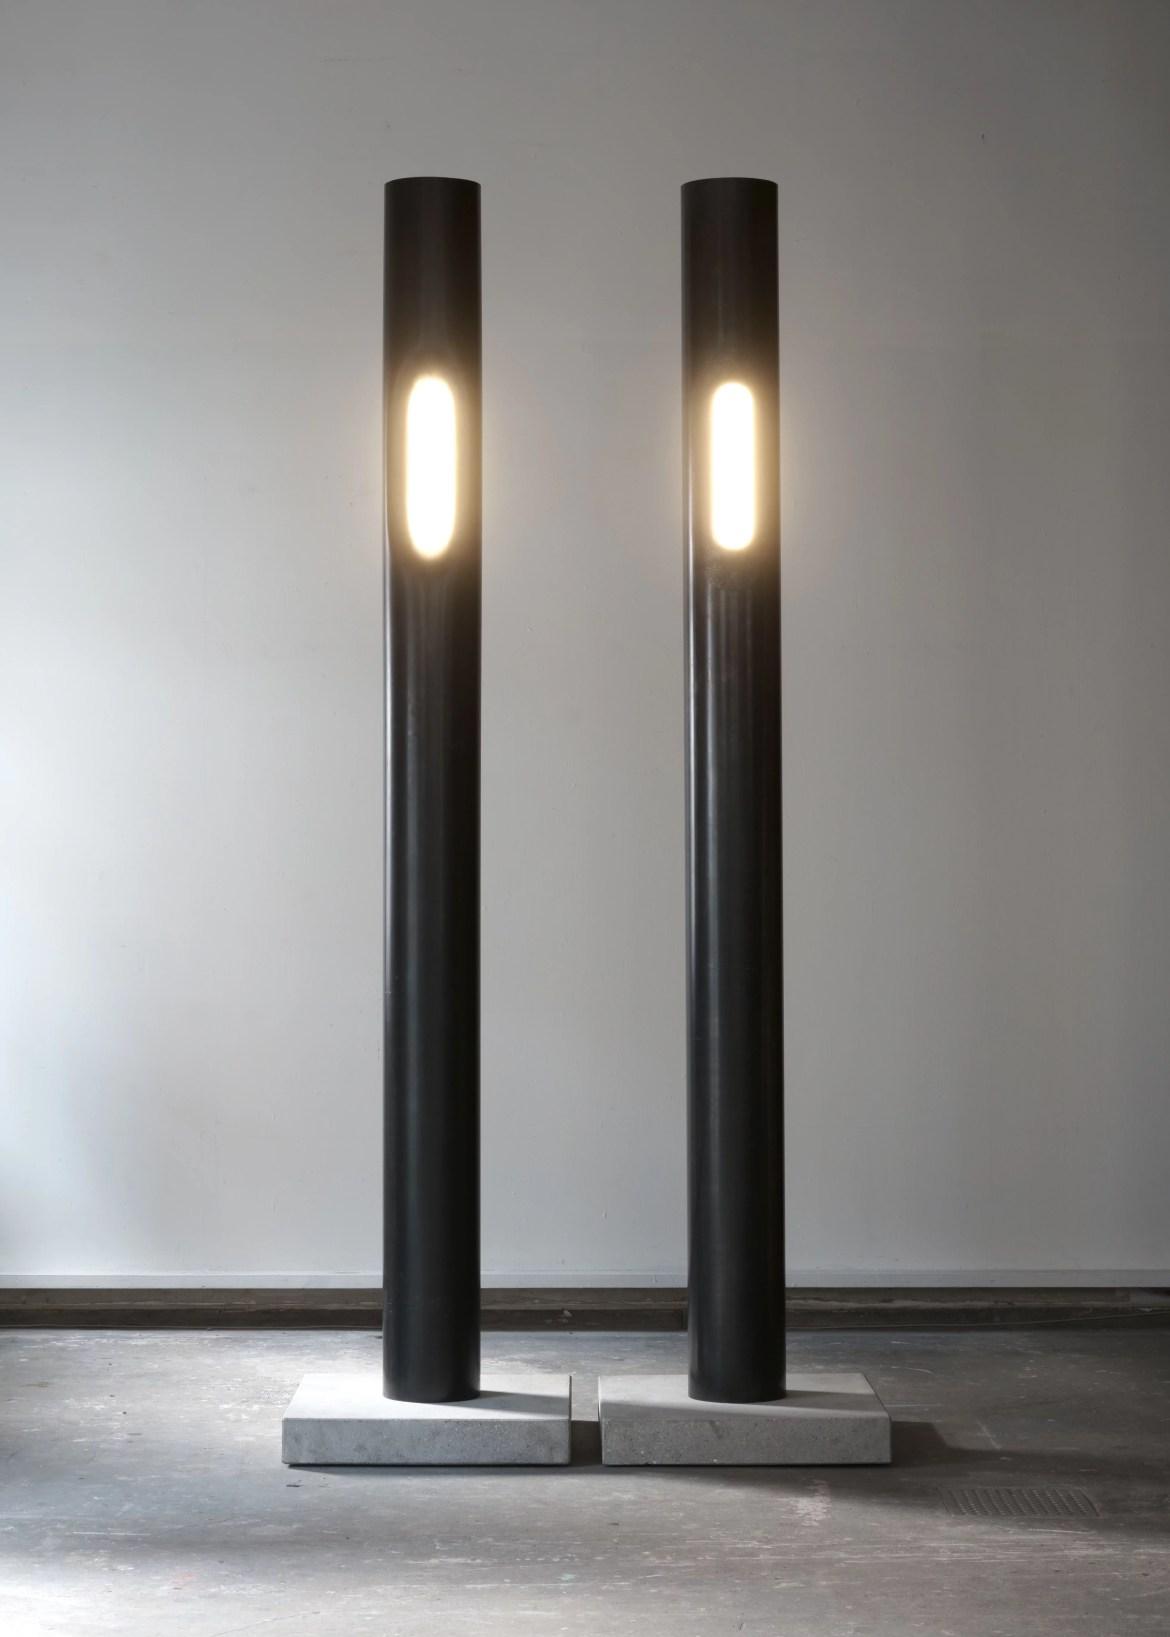 DesignMiami/Basel 2019: Galerie Maria Wettergren presents Jakob Jorgensen.